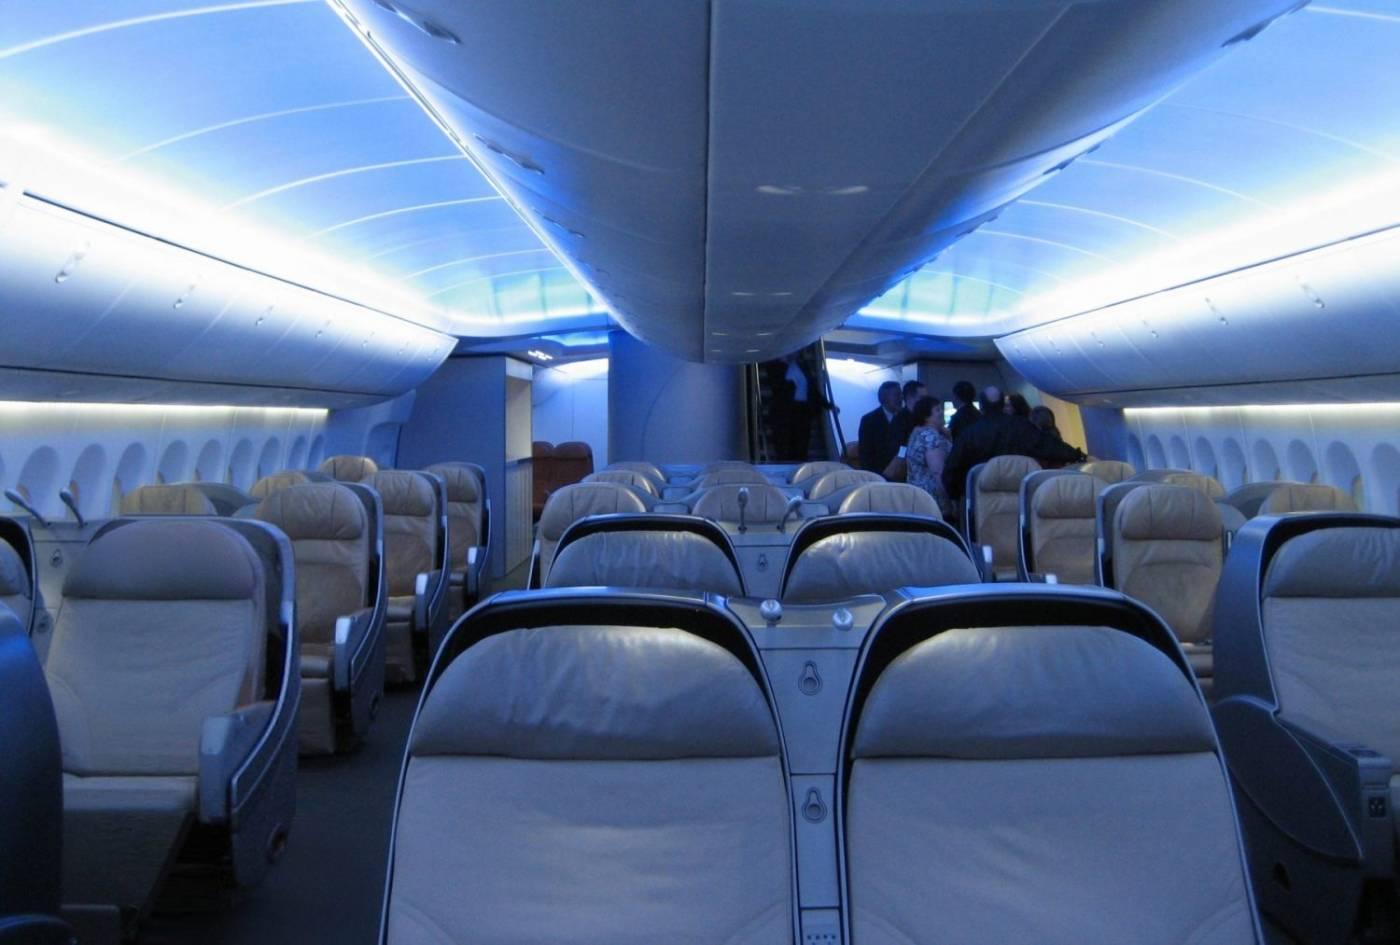 lufthansa passar a operar o 747 8i no rio em mar o aeroflap